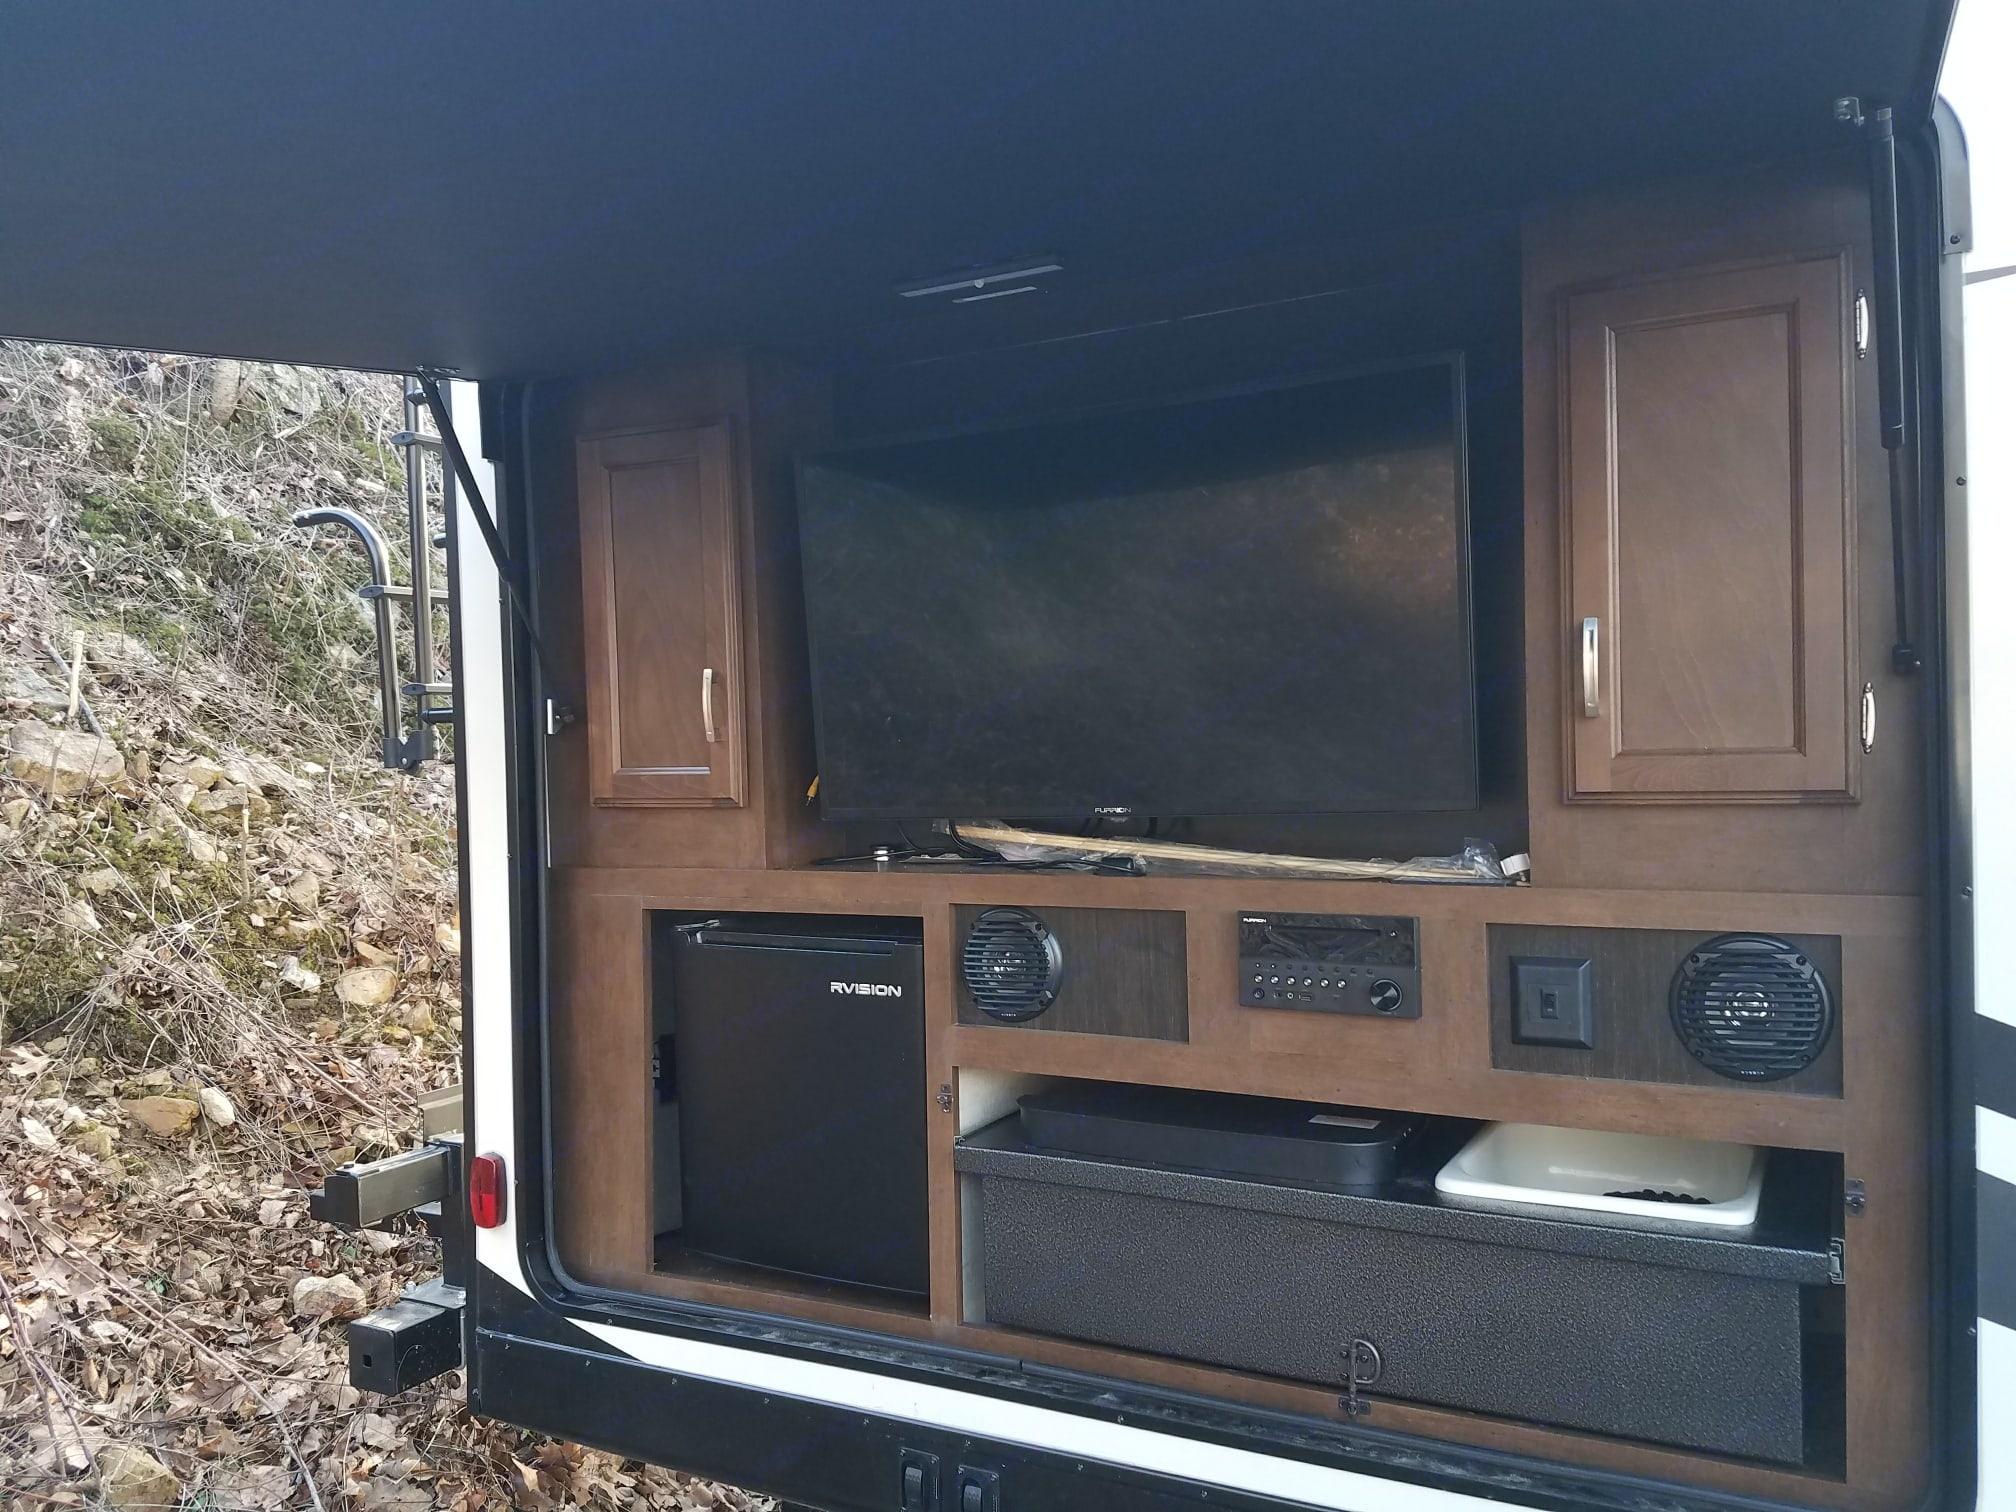 outdoor kitchen, Fridge/freezer, TV, DVD, surround sound, bluetooth, stove, sink...lighting. Venture Rv Sporttrek 2018